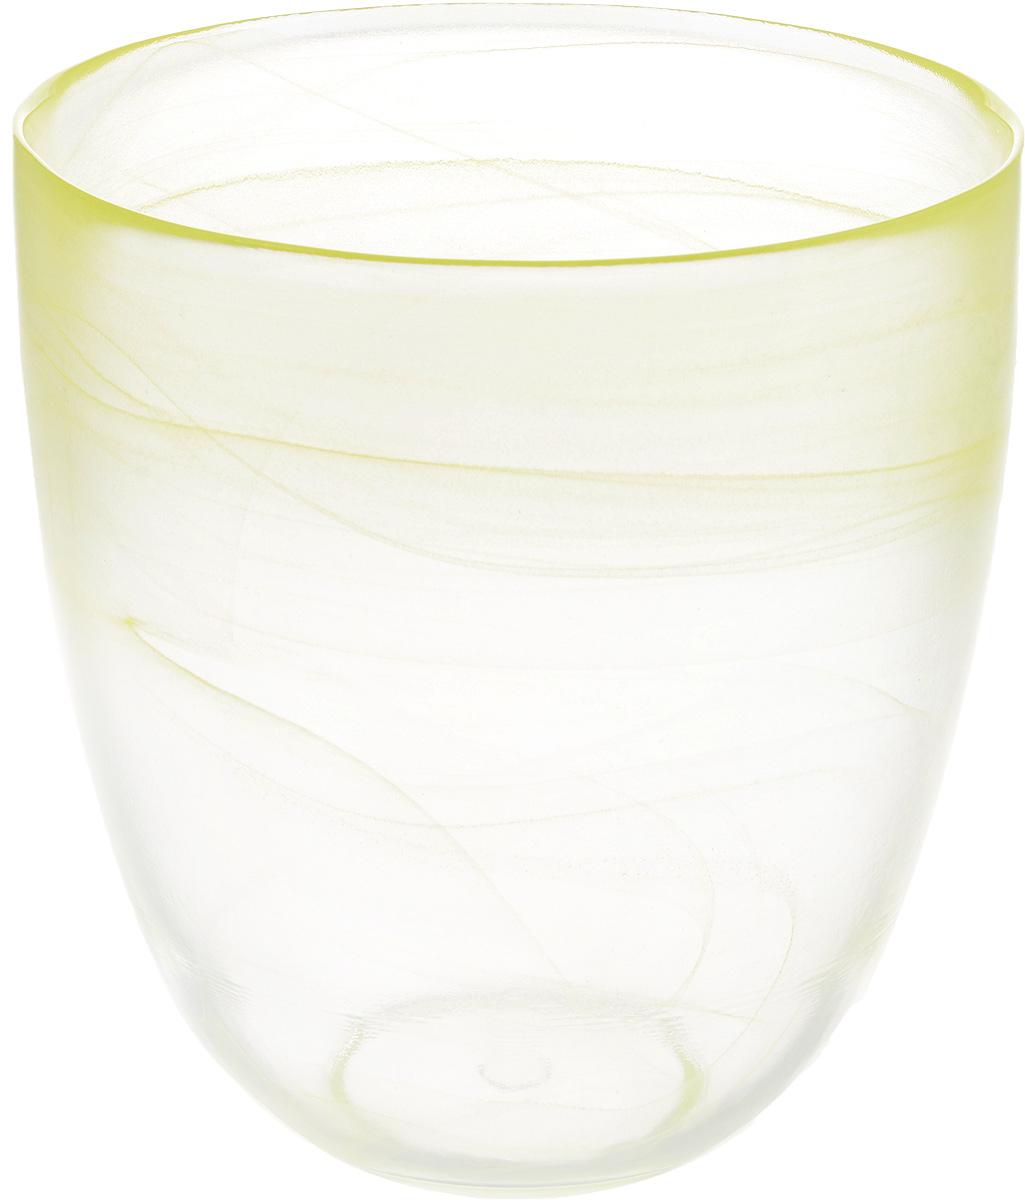 Кашпо NiNaGlass, цвет: прозрачный, желтый, высота 18 см531-401Кашпо NiNaGlass имеет уникальную форму, сочетающуюся как с классическим, так и с современным дизайном интерьера. Оно изготовлено из высококачественного стекла и предназначено для выращивания растений, цветов и трав в домашних условиях. Кашпо NiNaGlass порадует вас функциональностью, а благодаря лаконичному дизайну впишется в любой интерьер помещения. Диаметр кашпо (по верхнему краю): 16 см.Высота кашпо: 18 см.